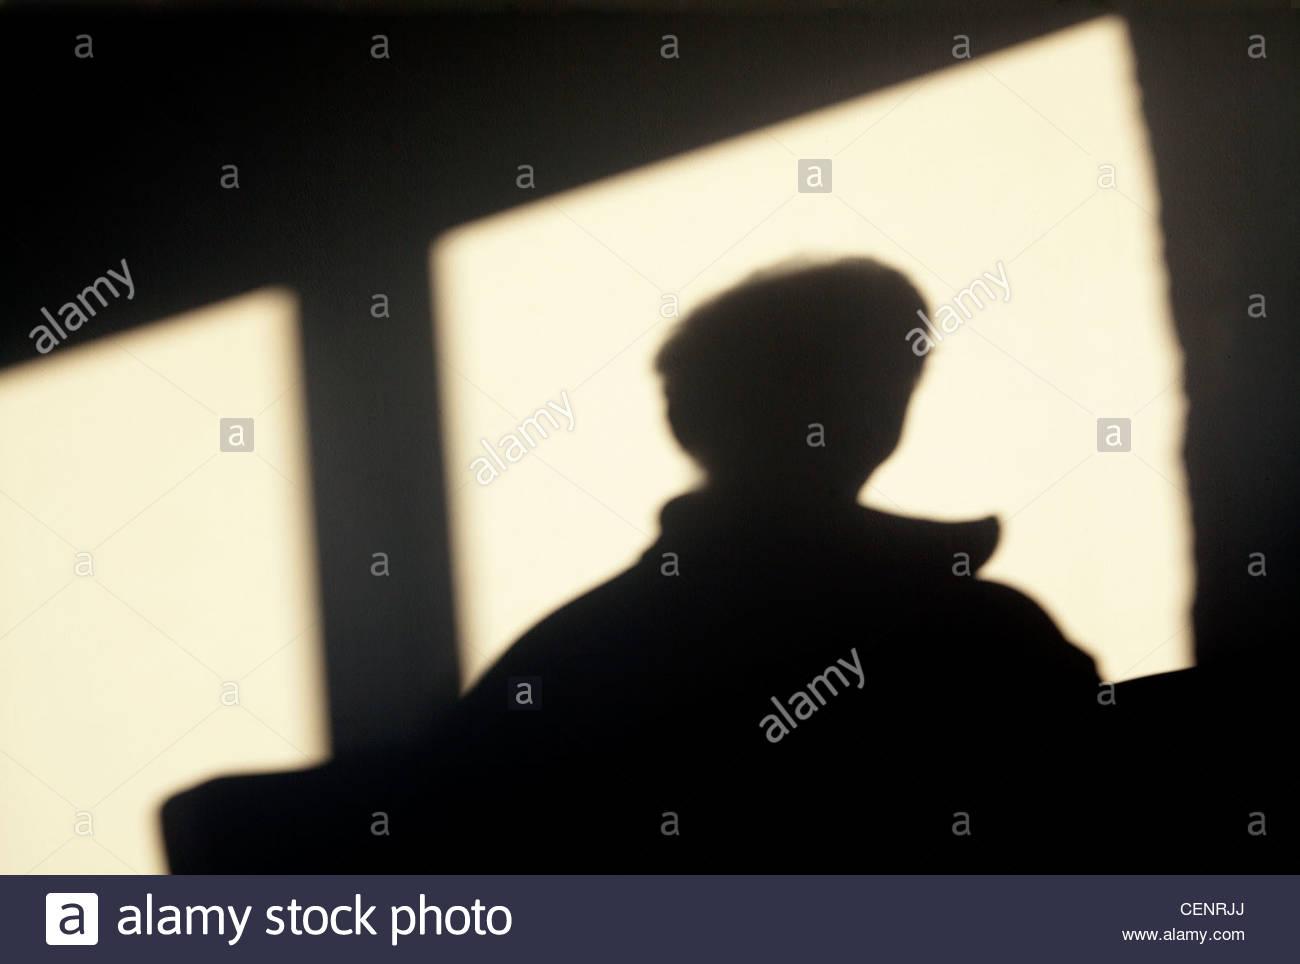 Silueta de una persona mirando por una ventana Imagen De Stock